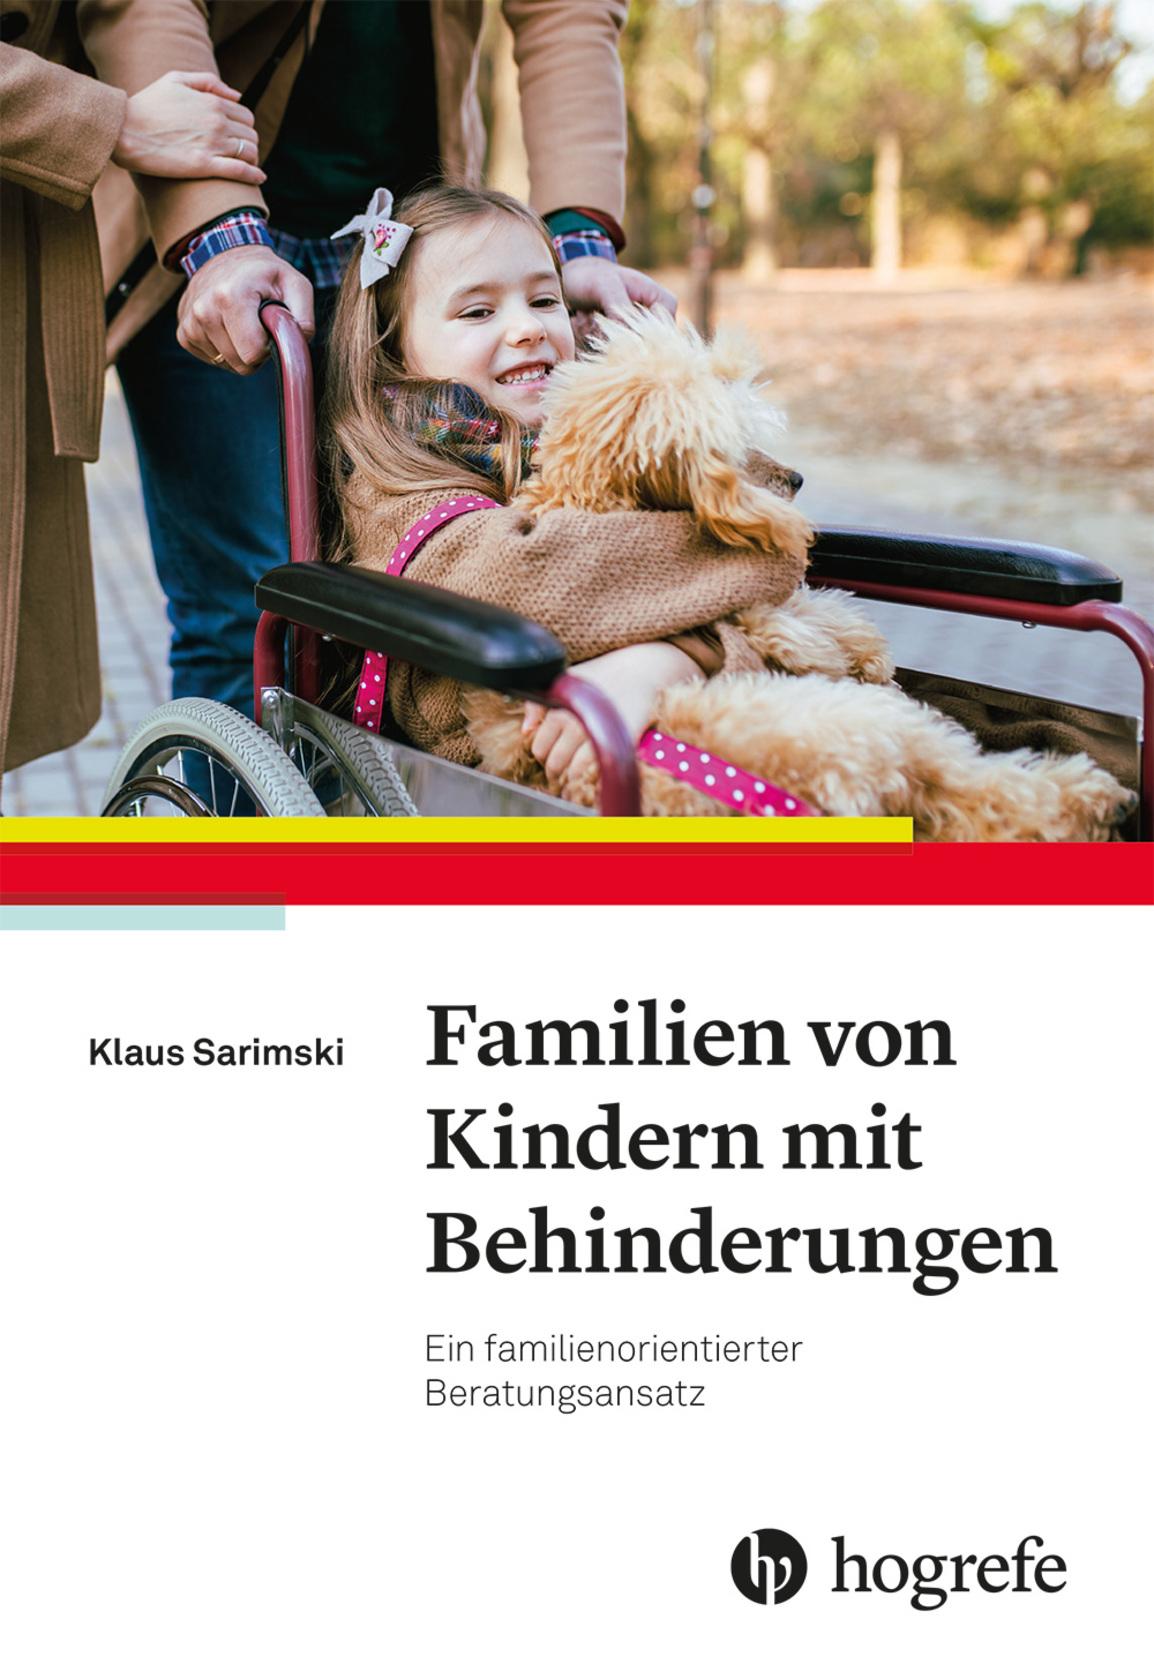 Familien von Kindern mit Behinderungen